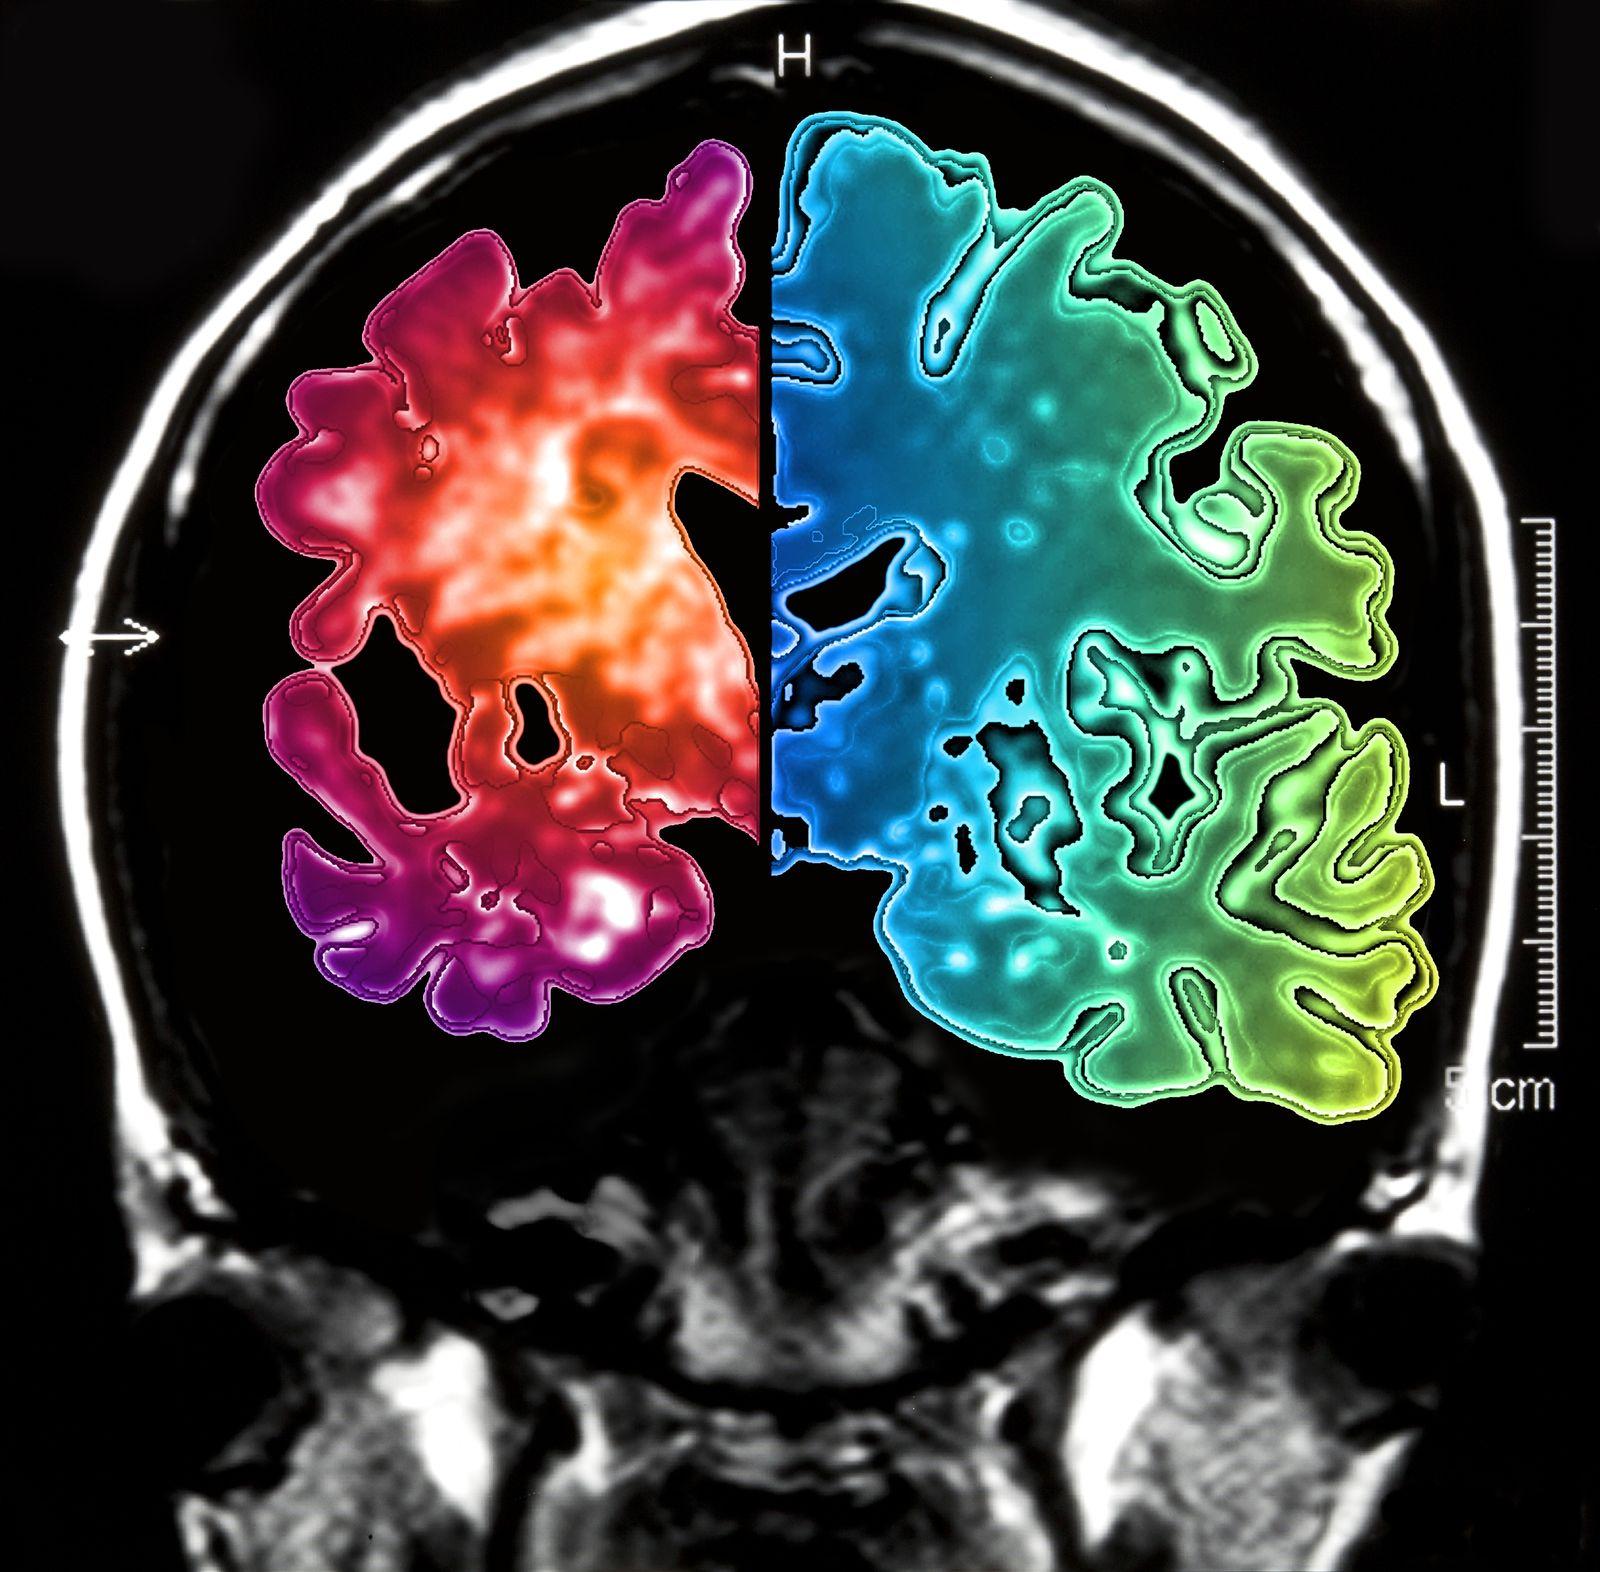 NICHT MEHR VERWENDEN! - Hinrscan / Alzheimer